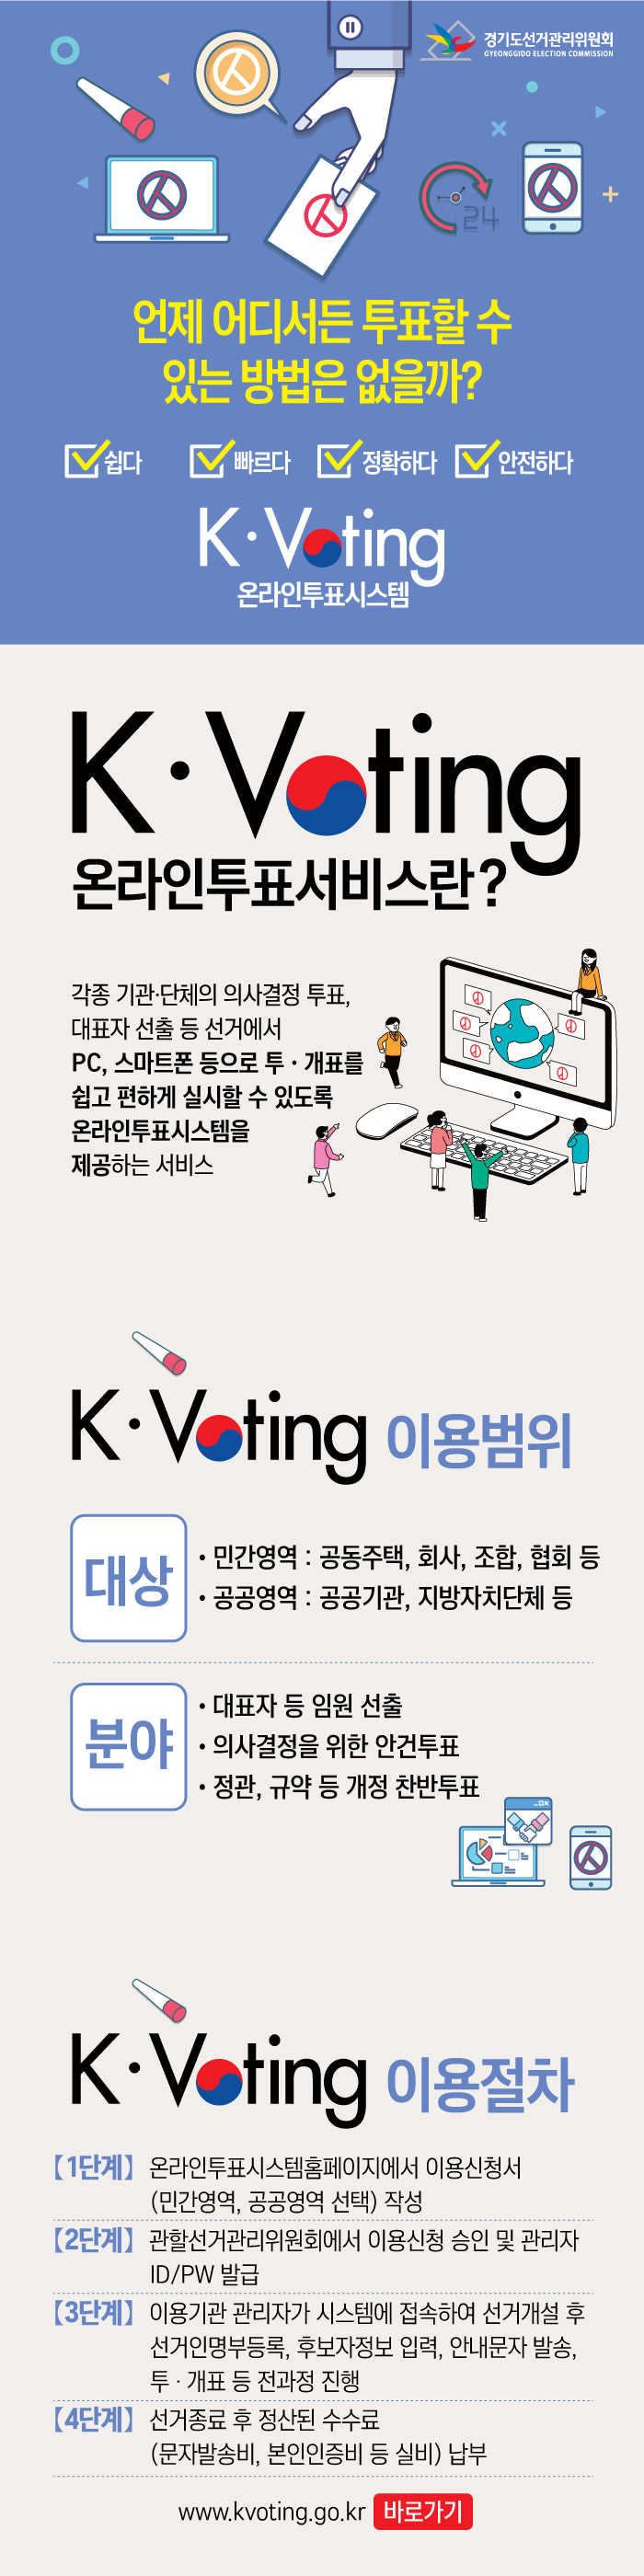 K·Voting 온라인투표 시스템